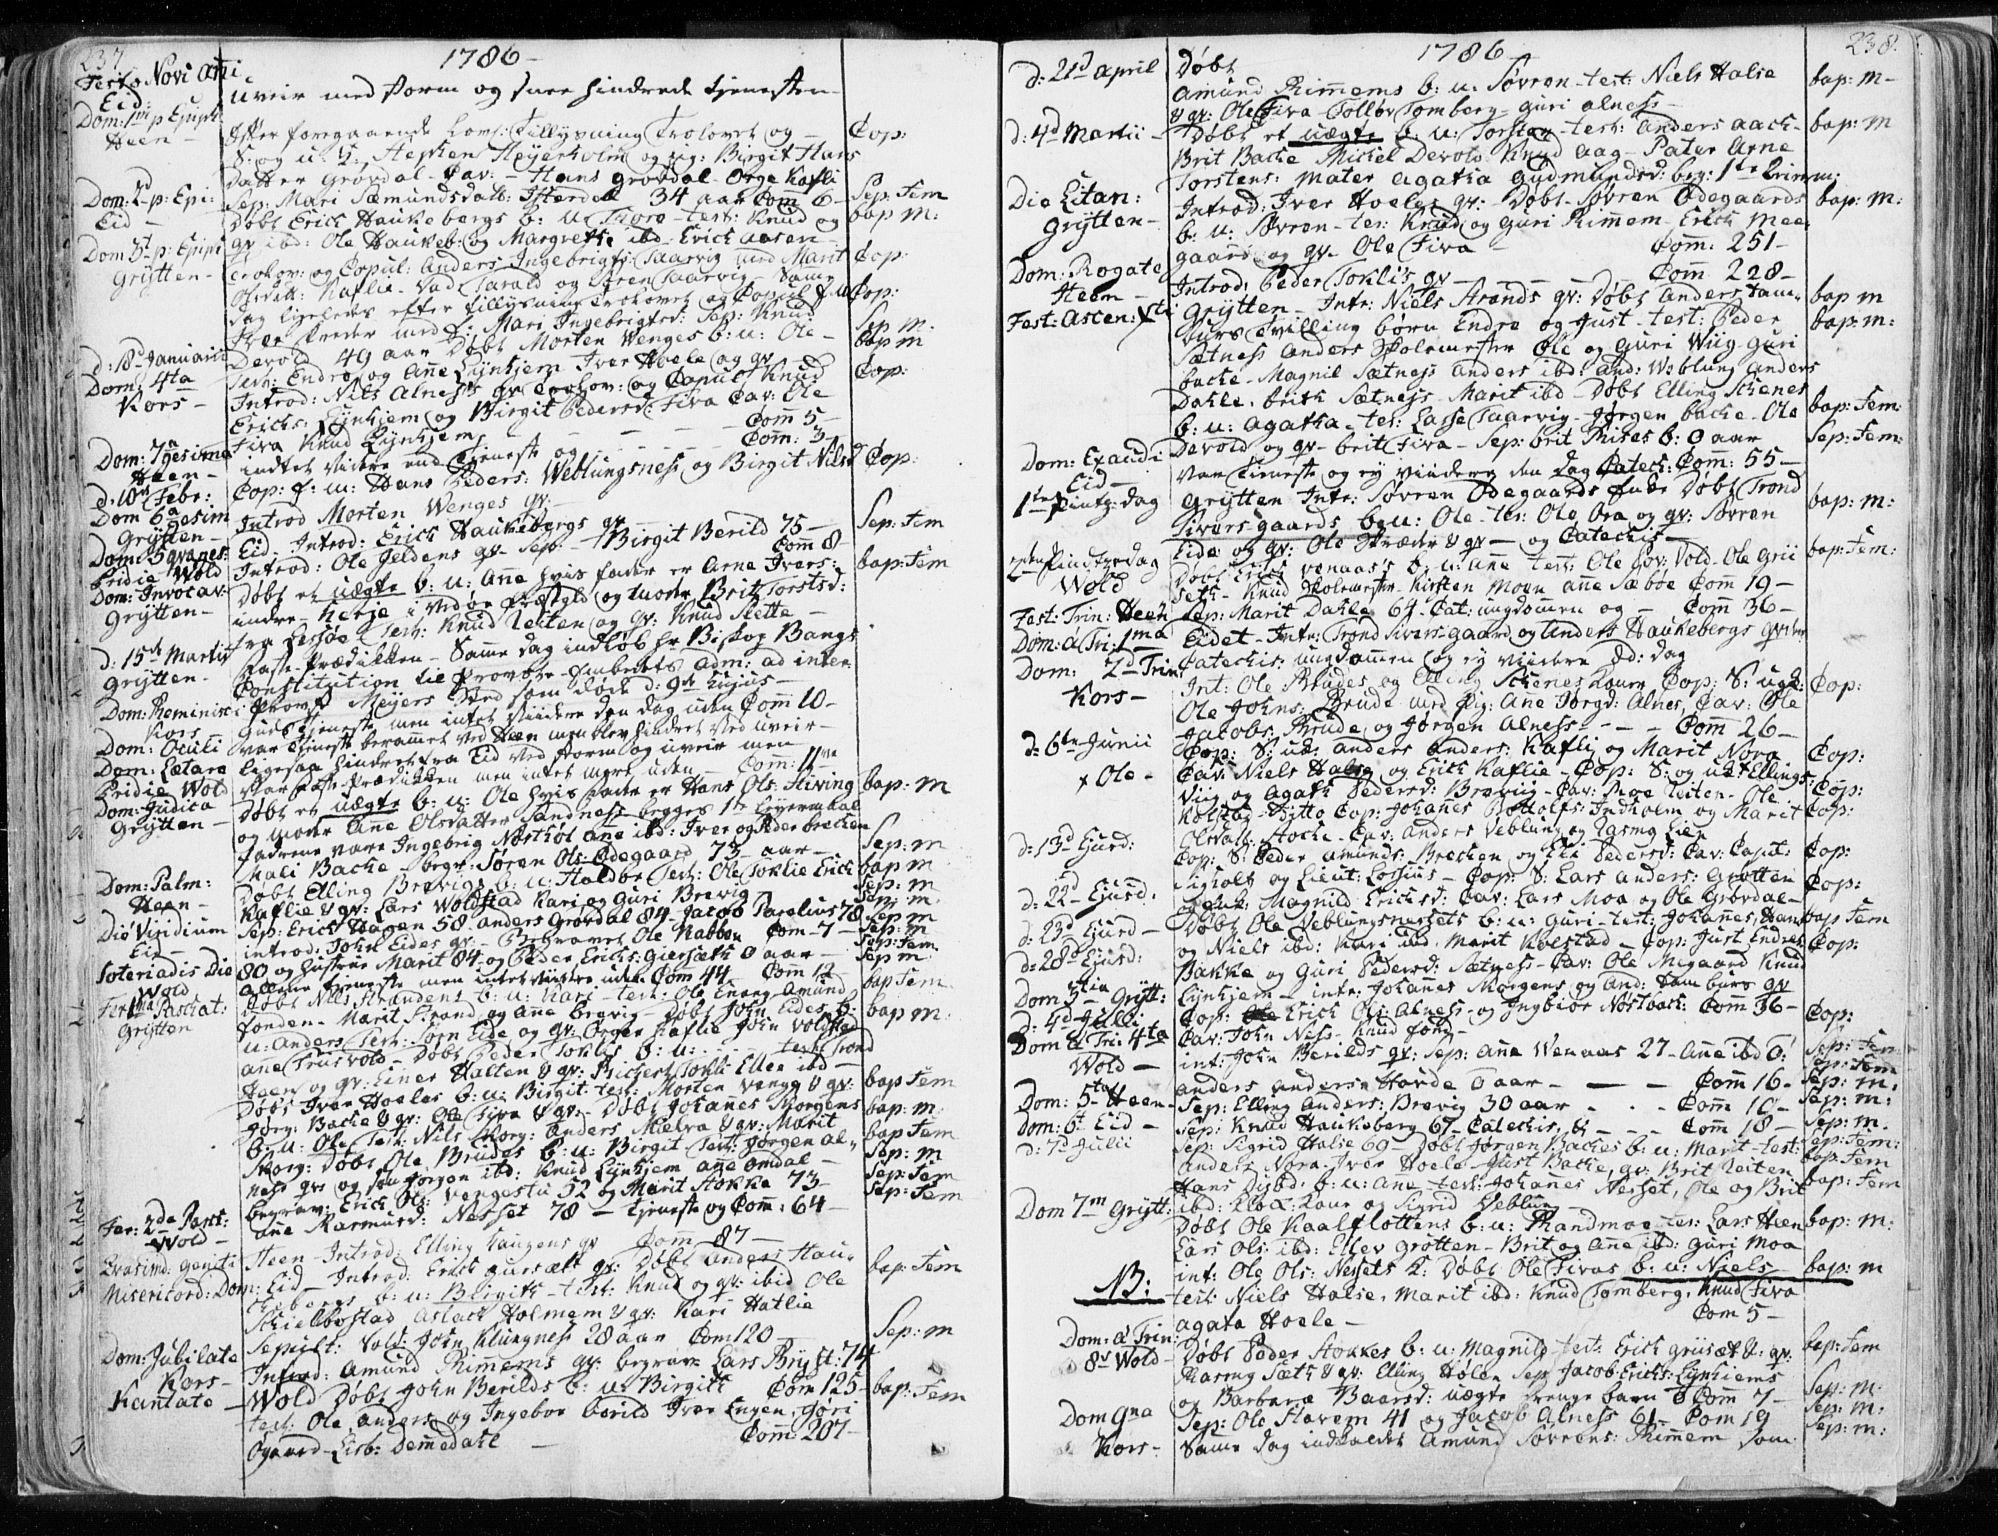 SAT, Ministerialprotokoller, klokkerbøker og fødselsregistre - Møre og Romsdal, 544/L0569: Ministerialbok nr. 544A02, 1764-1806, s. 237-238